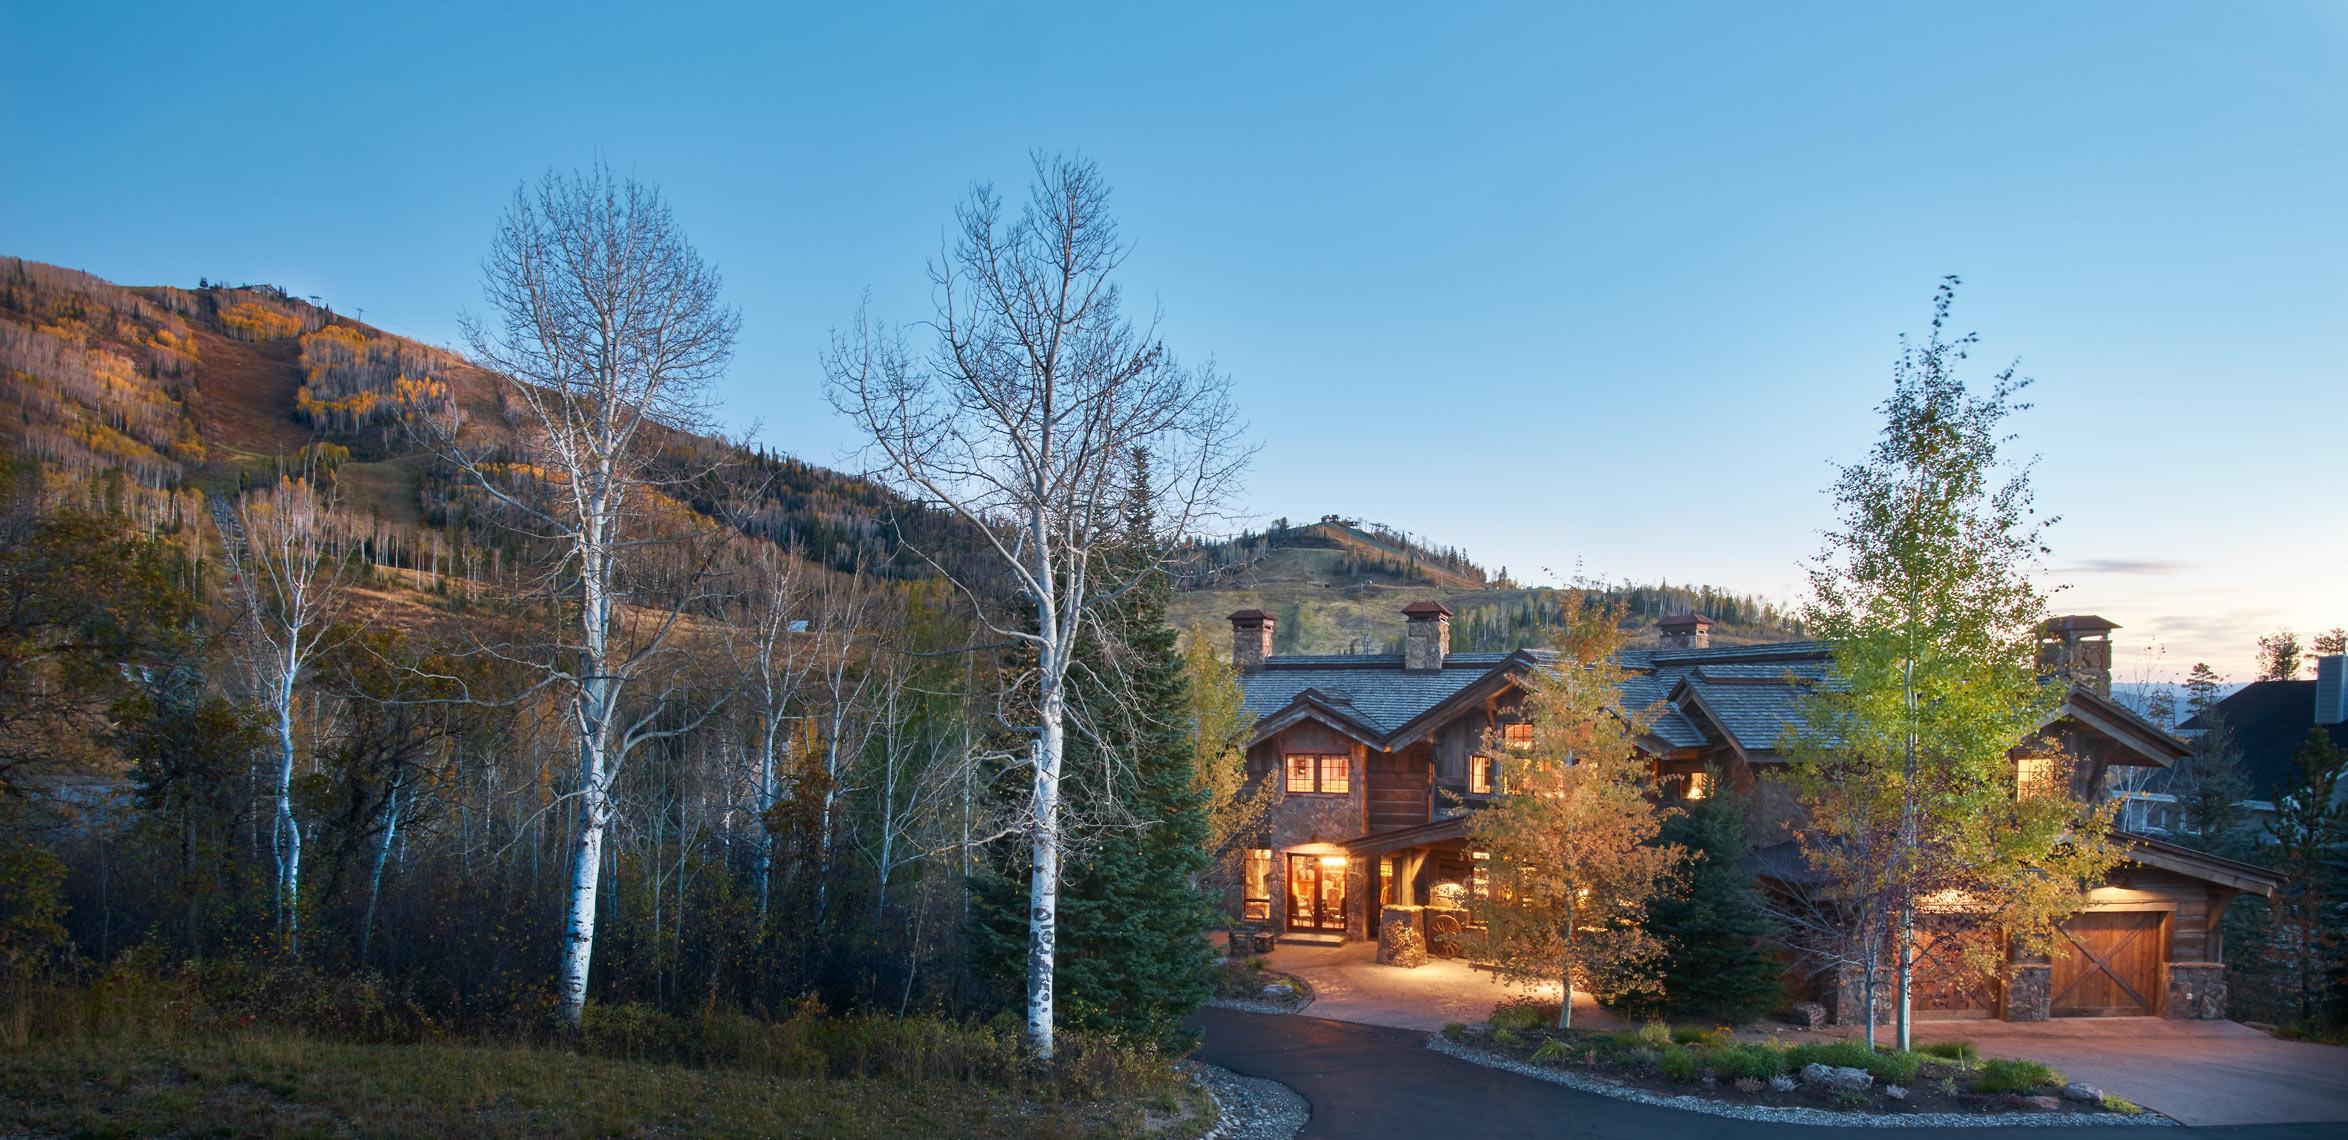 Ski Mountain In Your Back Yard!